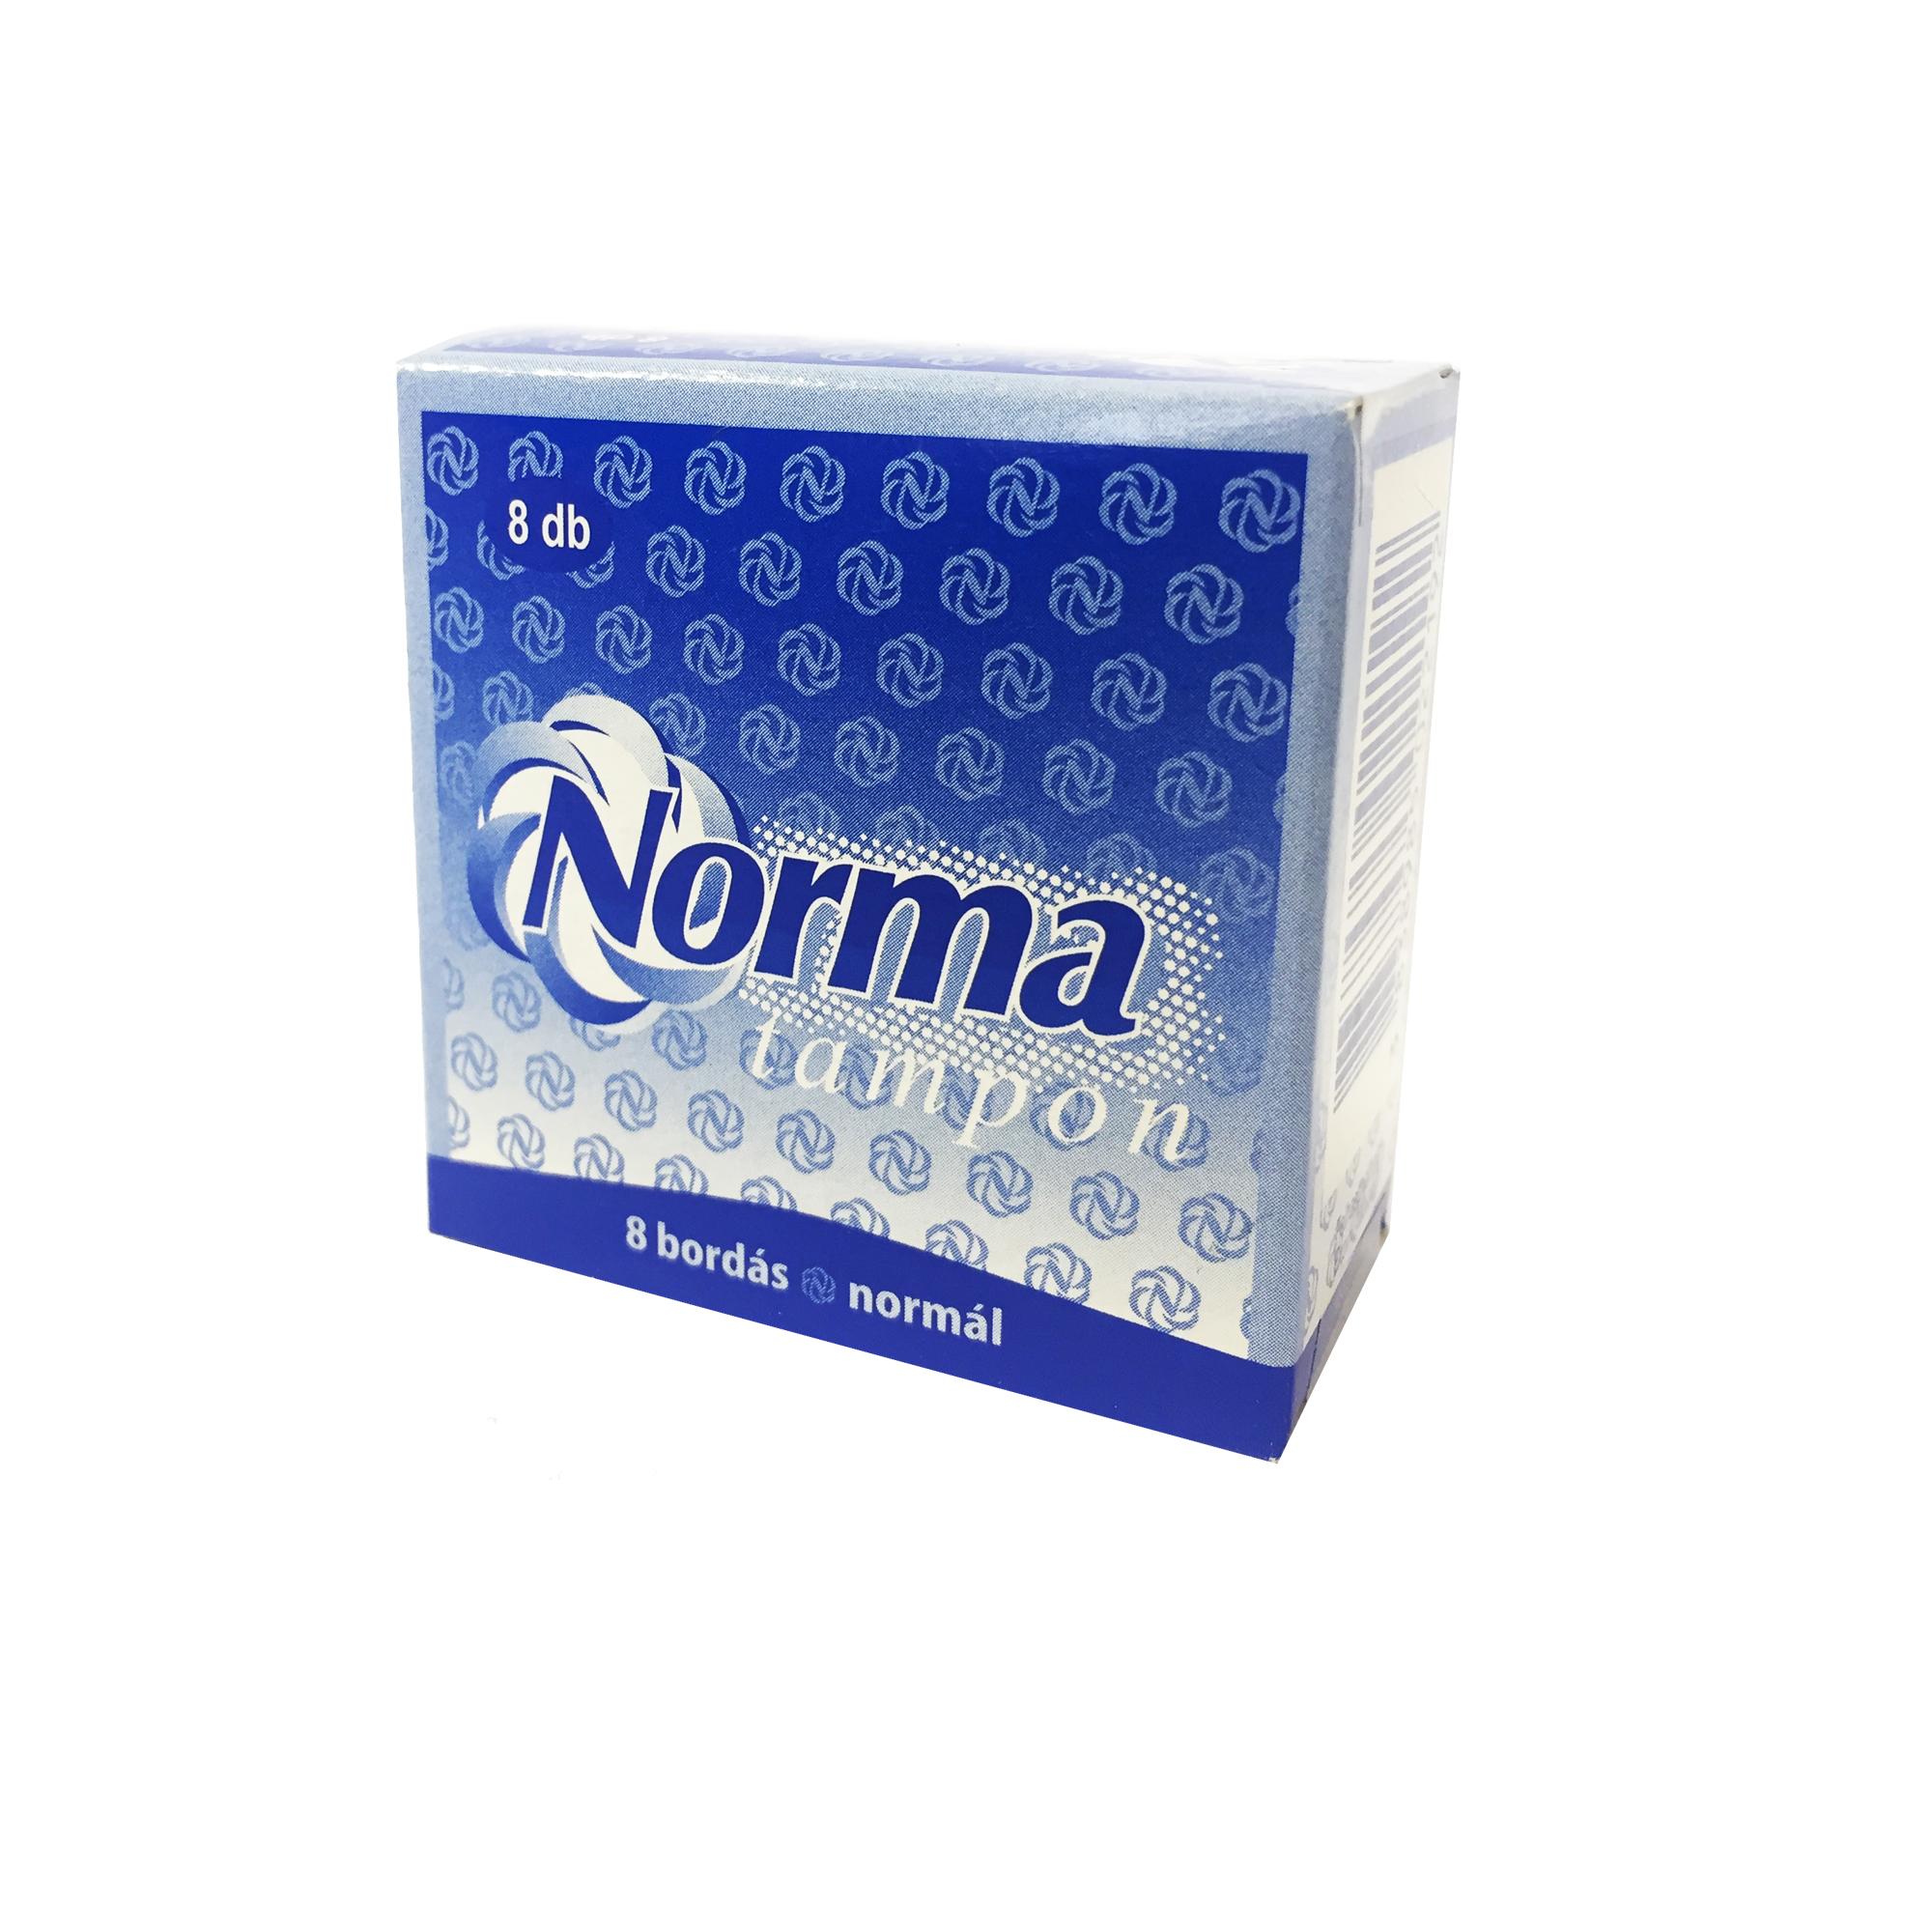 norma-normal_8_center